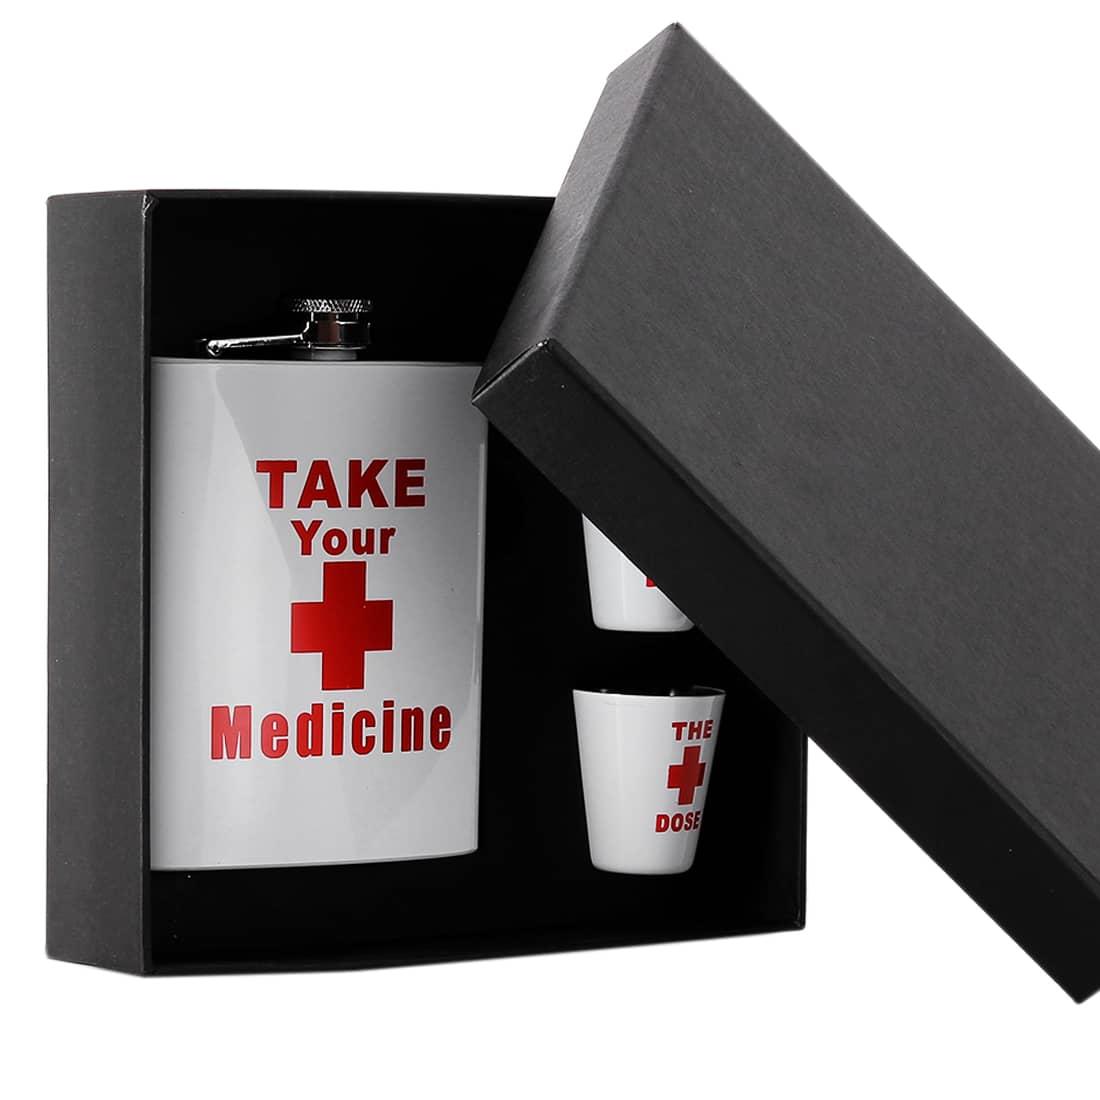 Photo #2 de Coffret Flasque Alcool Take Your Medicine